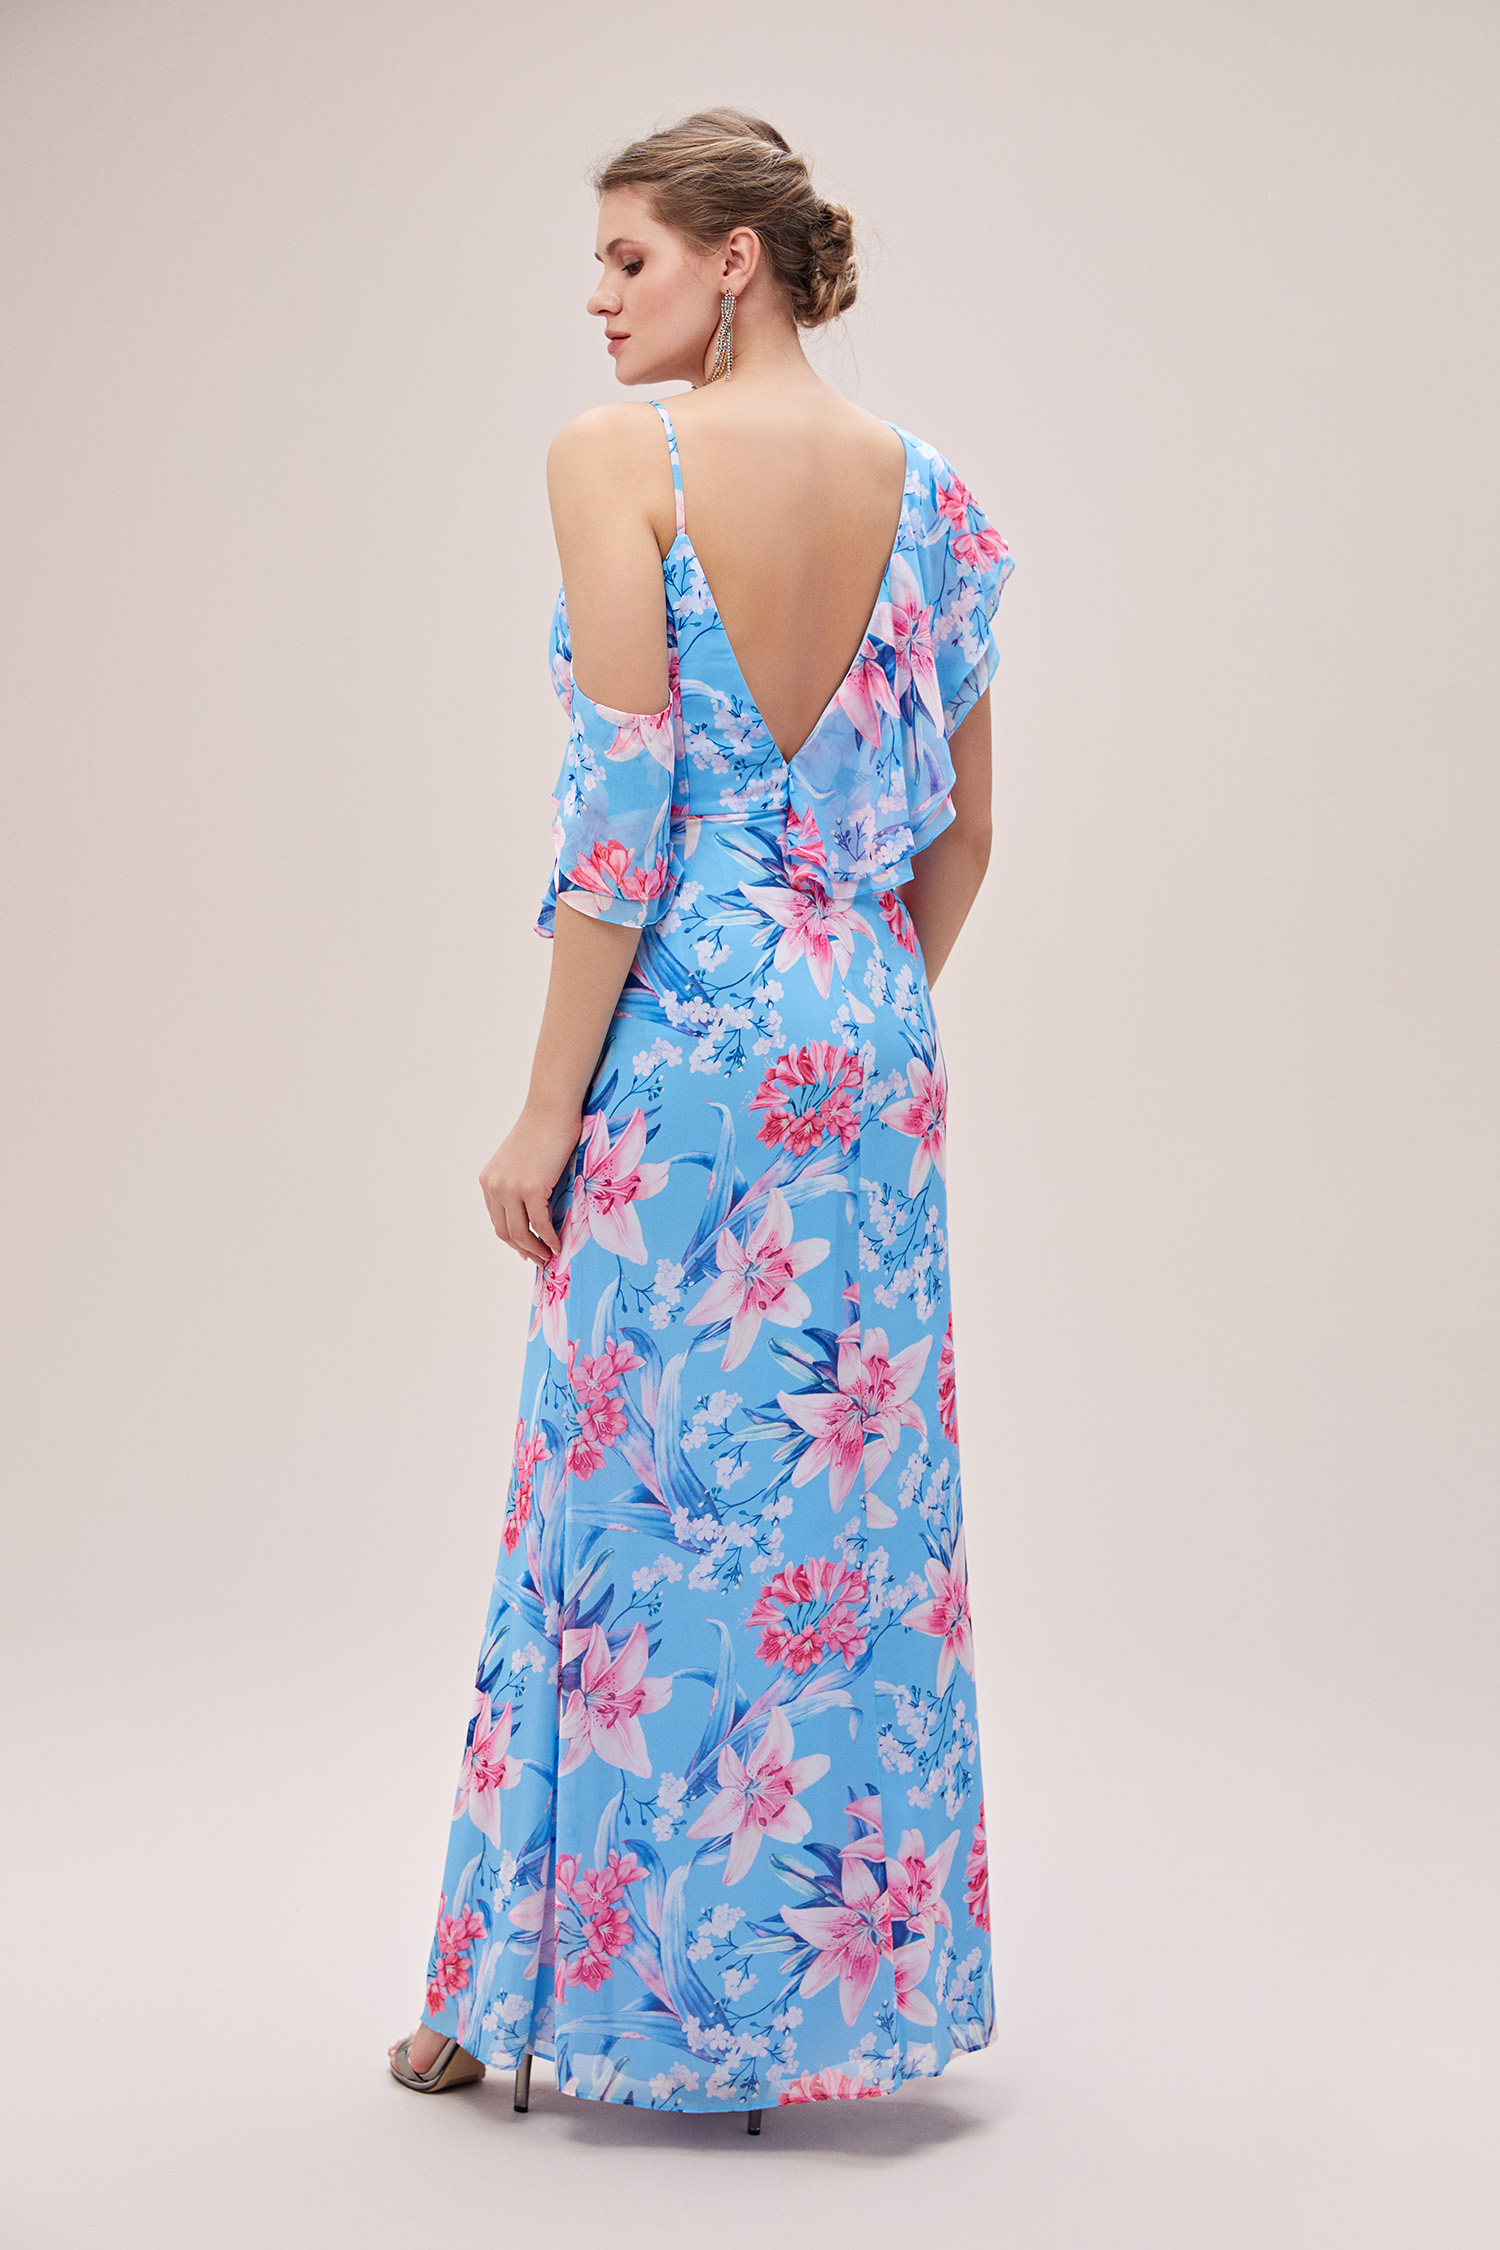 Mavi V Yaka Çiçekli Farbalalı Şifon Büyük Beden Elbise - Thumbnail